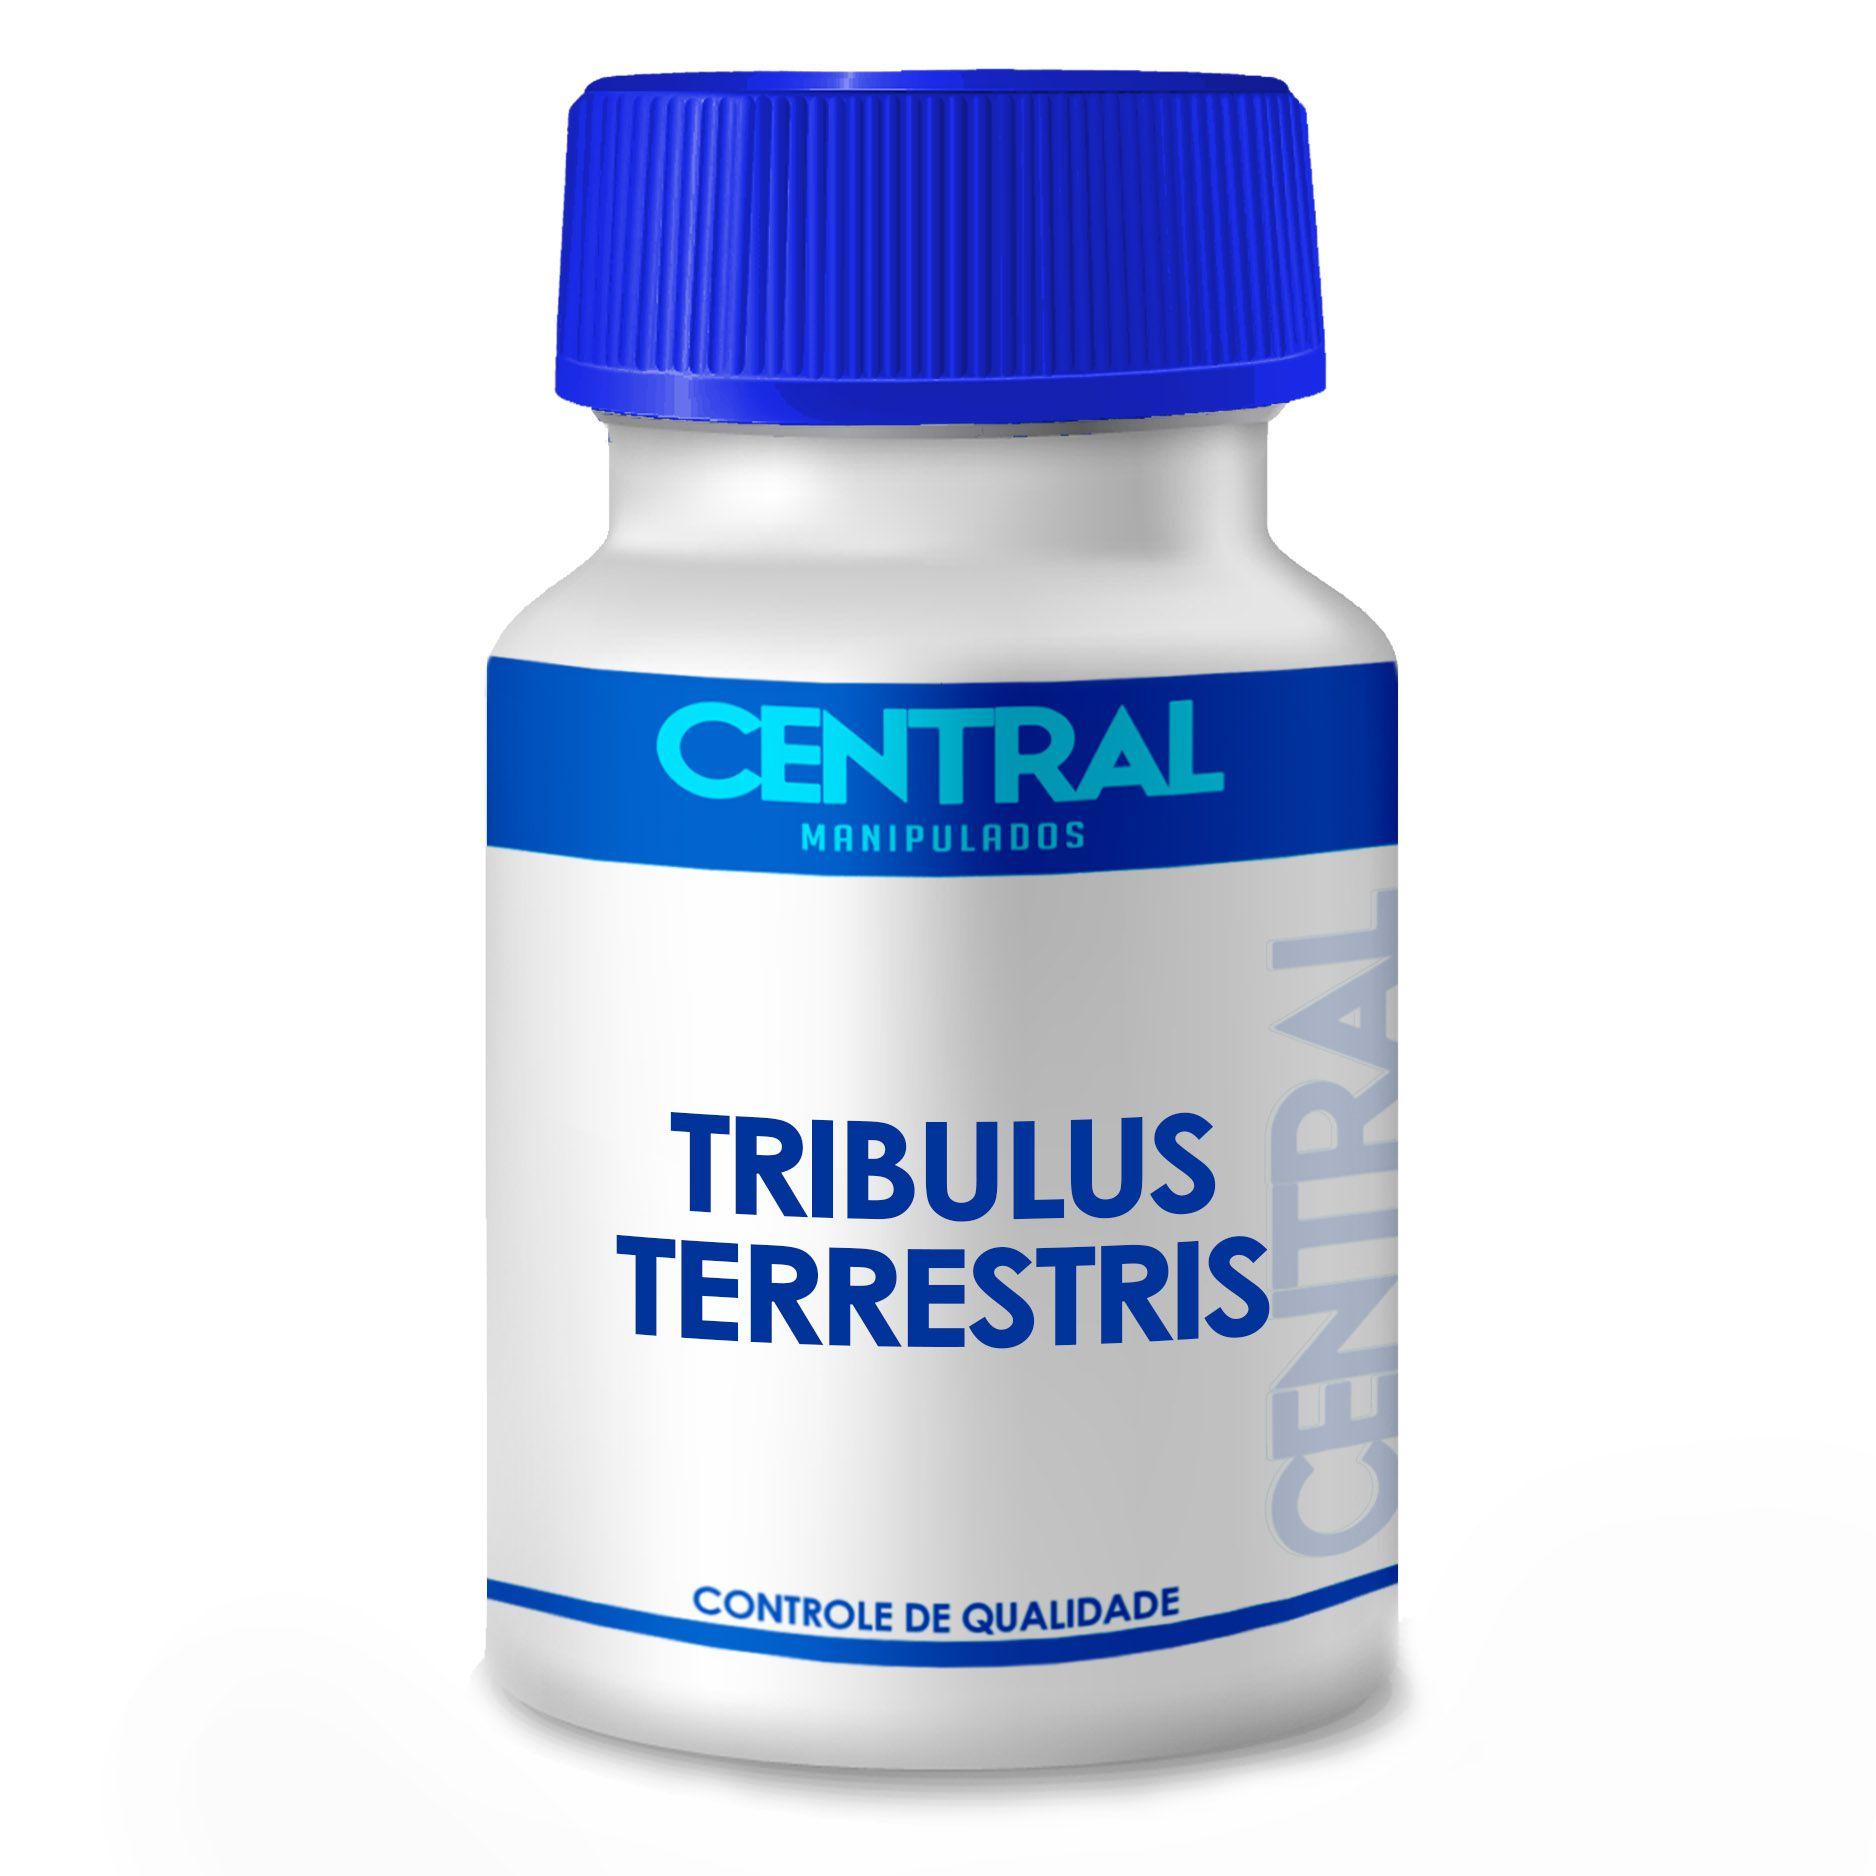 Tribulus Terrestris - Aumenta a produção de testosterona e a libido, Alivia cansaço e fraqueza -  500mg 180 cápsulas